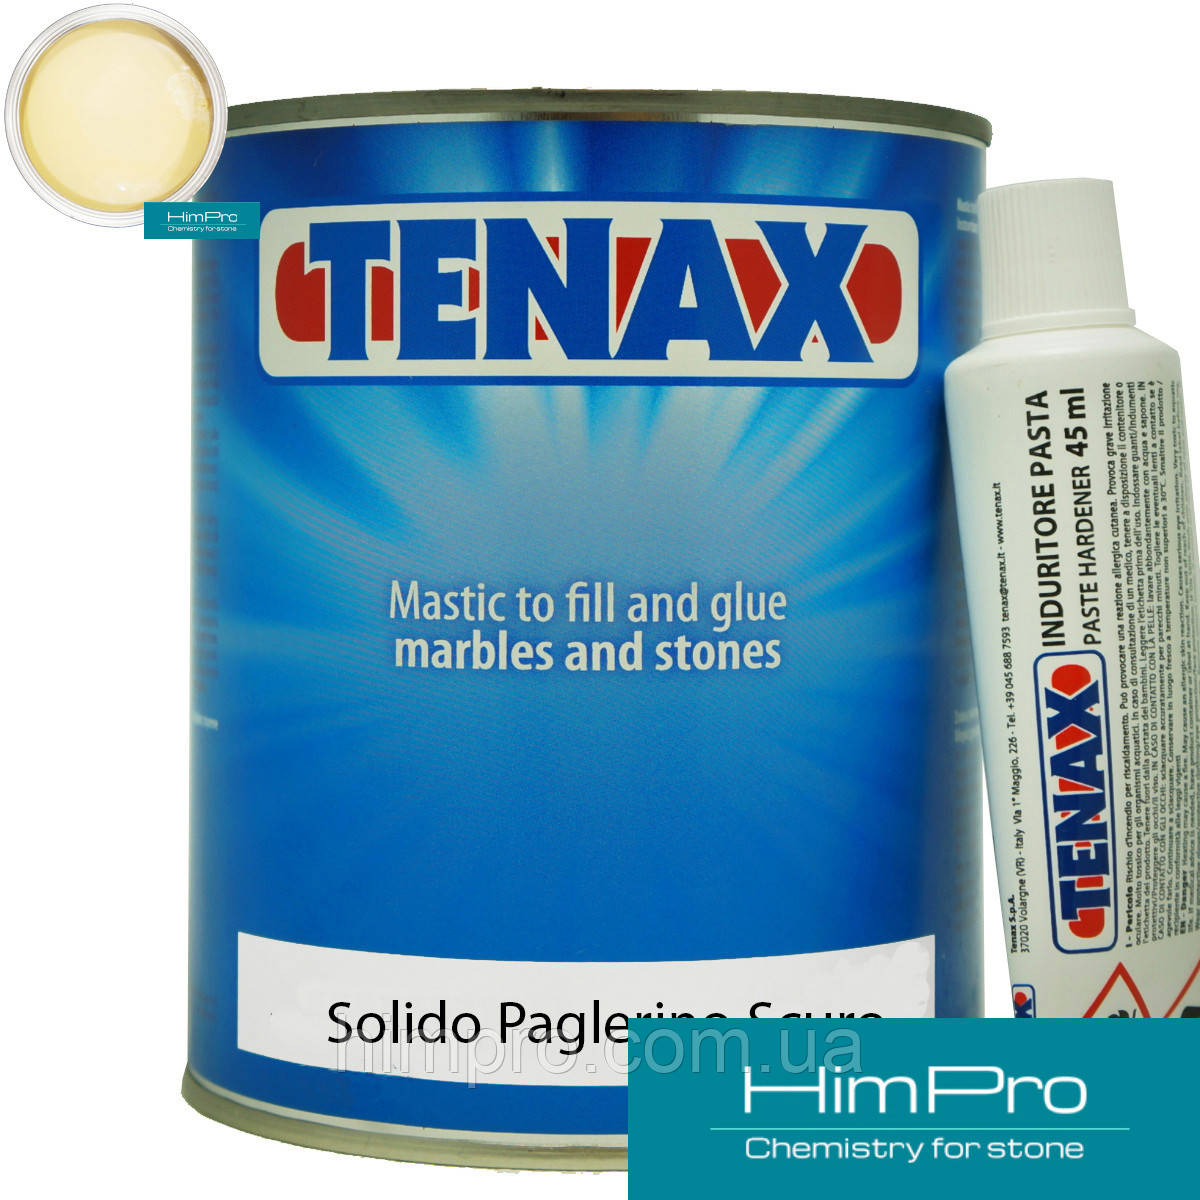 Solido Paglerino Scuro 1L Tenax полиэфирный двух-компонентный клей (темно-бежевый 1.7кг)